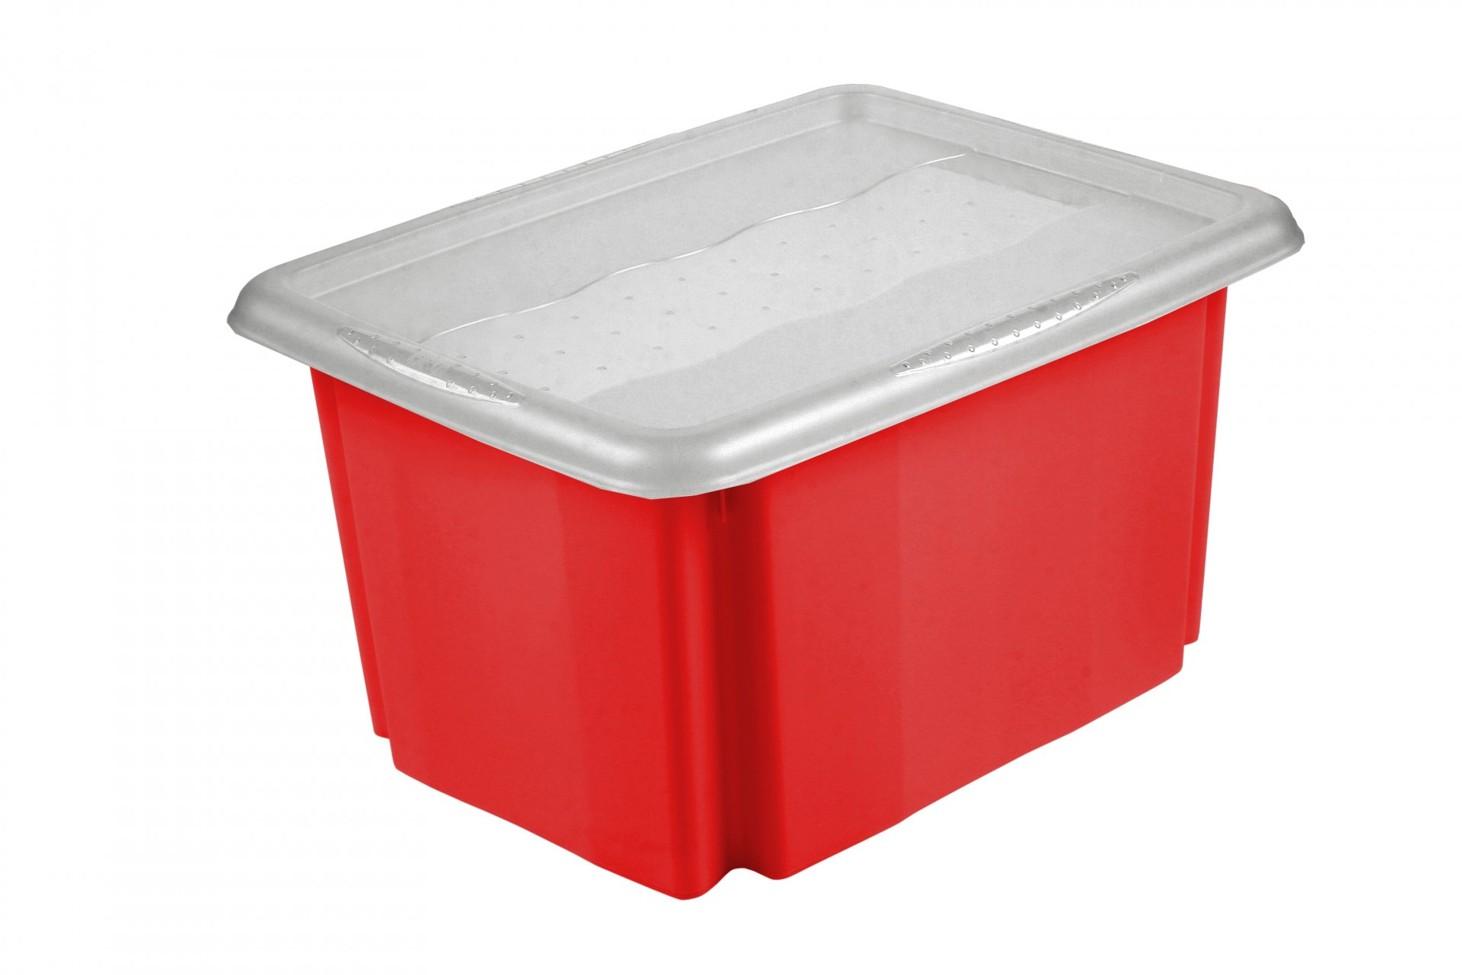 Keeeper Úložný box s víkem Emil & Emilia, červený 45L